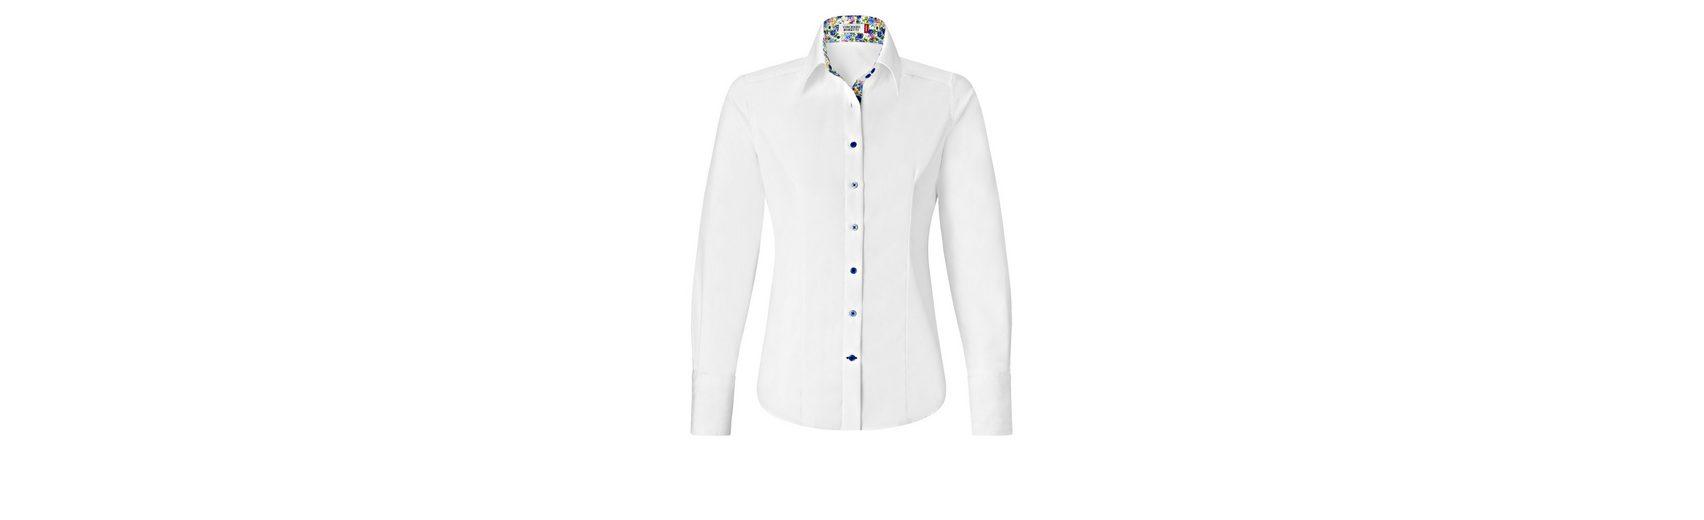 Verkauf Neuer Stile Original Zum Verkauf Vincenzo Boretti Bluse mit Kontrasteinlage Freies Verschiffen 100% Garantiert Online-Shopping Hohe Qualität FbVIxxA